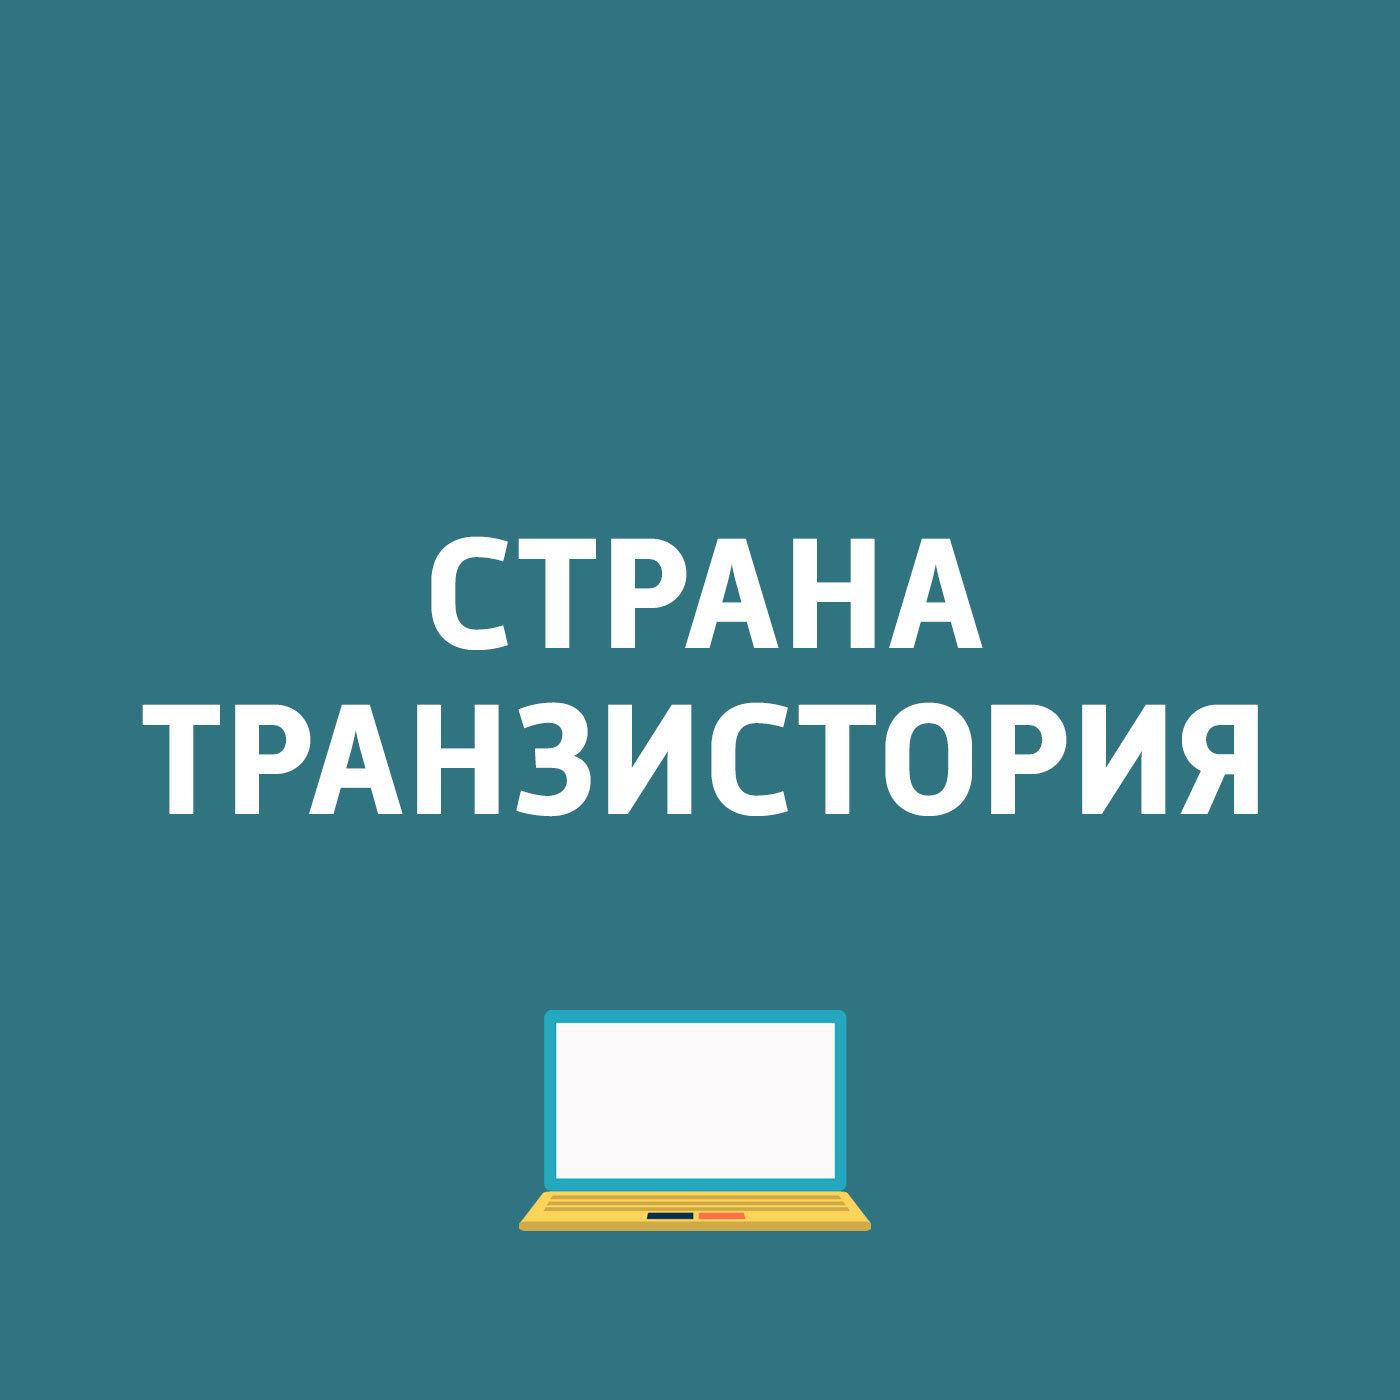 Картаев Павел Опубликован рейтинг приложений для поиска работы жк телевизор sony oled телевизор kd 55a1